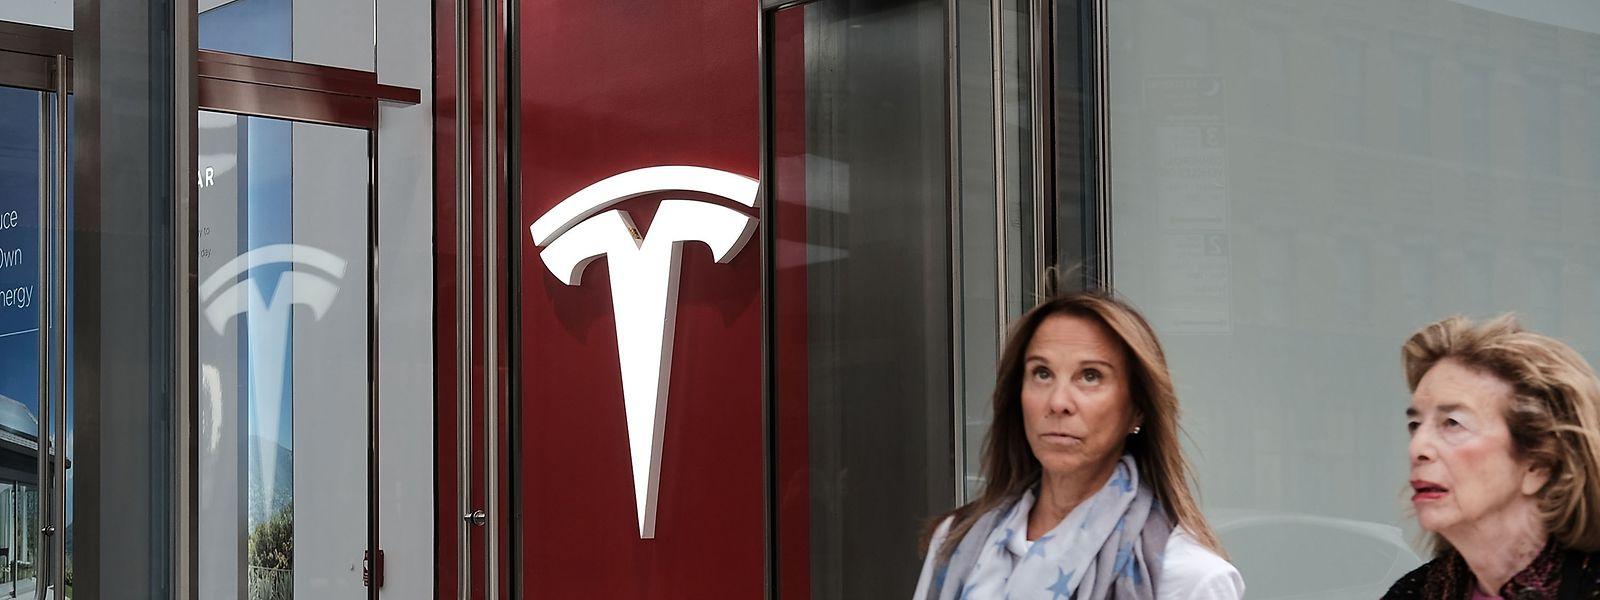 Ende 2017 hatte Tesla rund 37 543 Vollzeitangestellte.